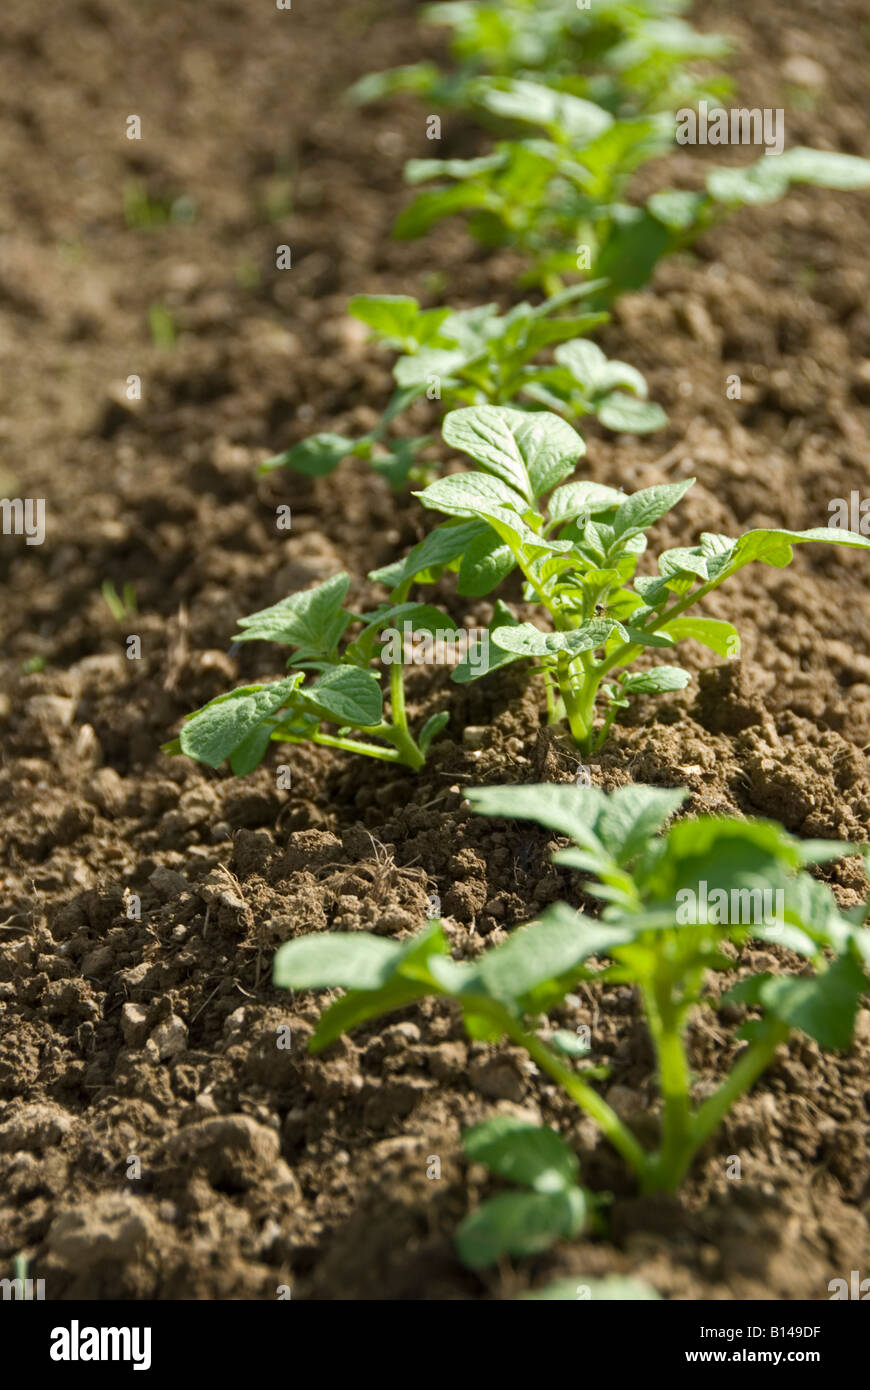 Starting A Vegetable Garden Stock Photos & Starting A Vegetable ...